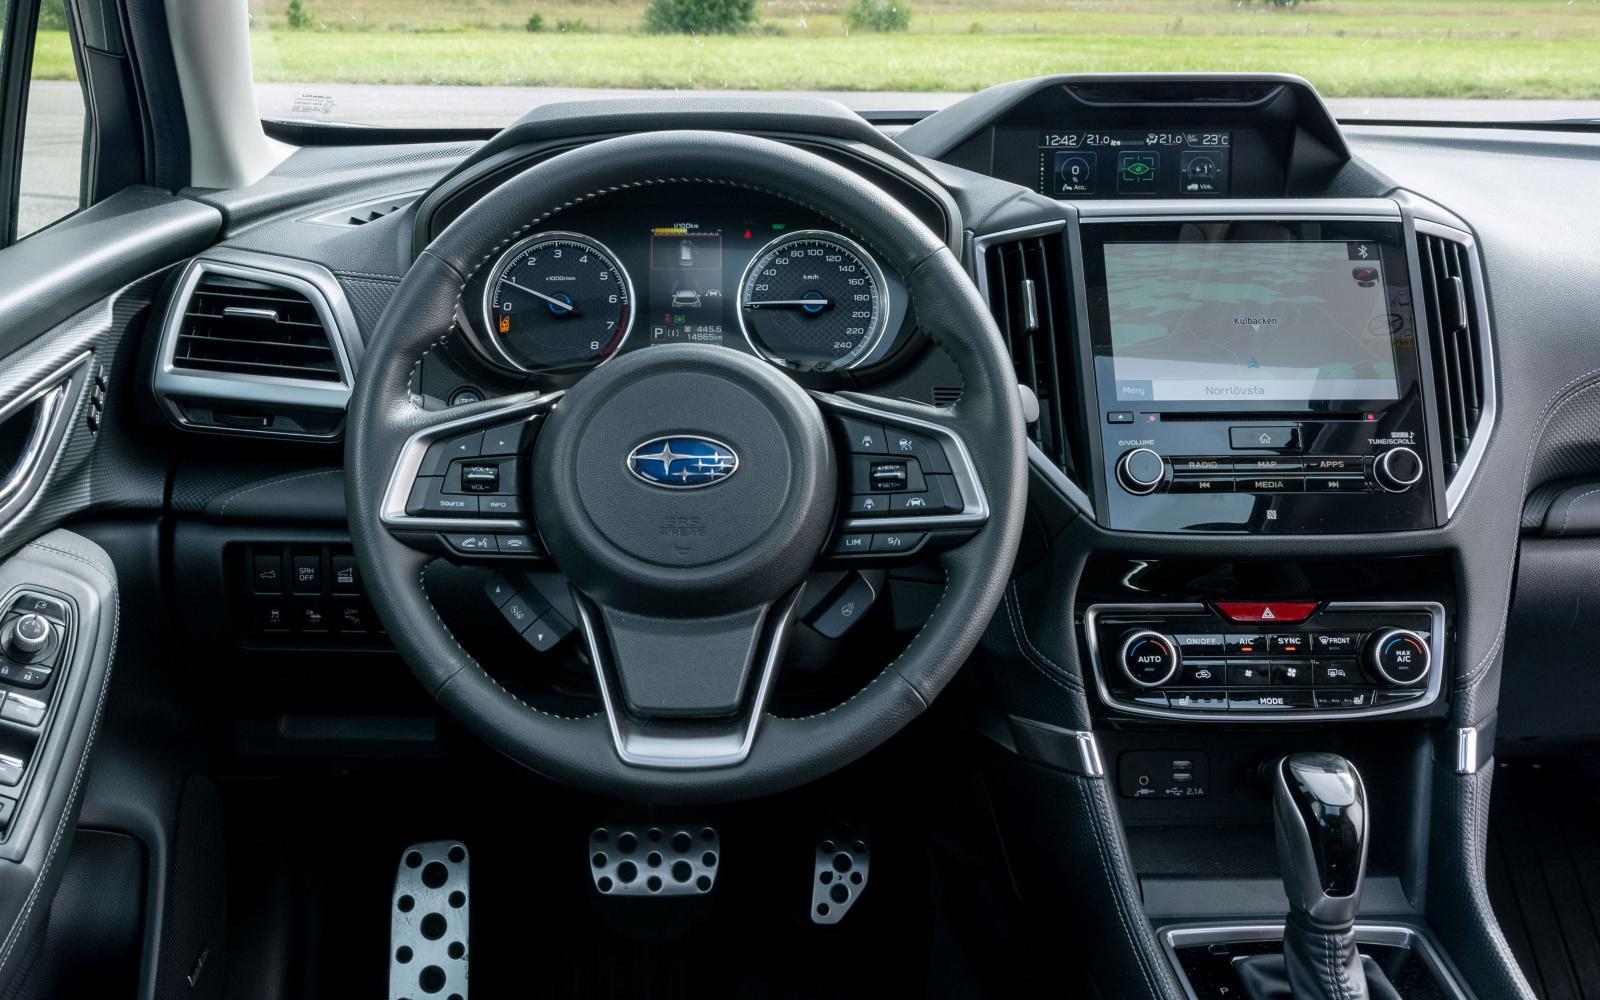 Subaru: Steg för steg kommer allt mer ombonad förarmiljö i Subarus modeller och det mesta är enkelt att nå i Forester. Utmärkt finish, suverän sikt runt om.